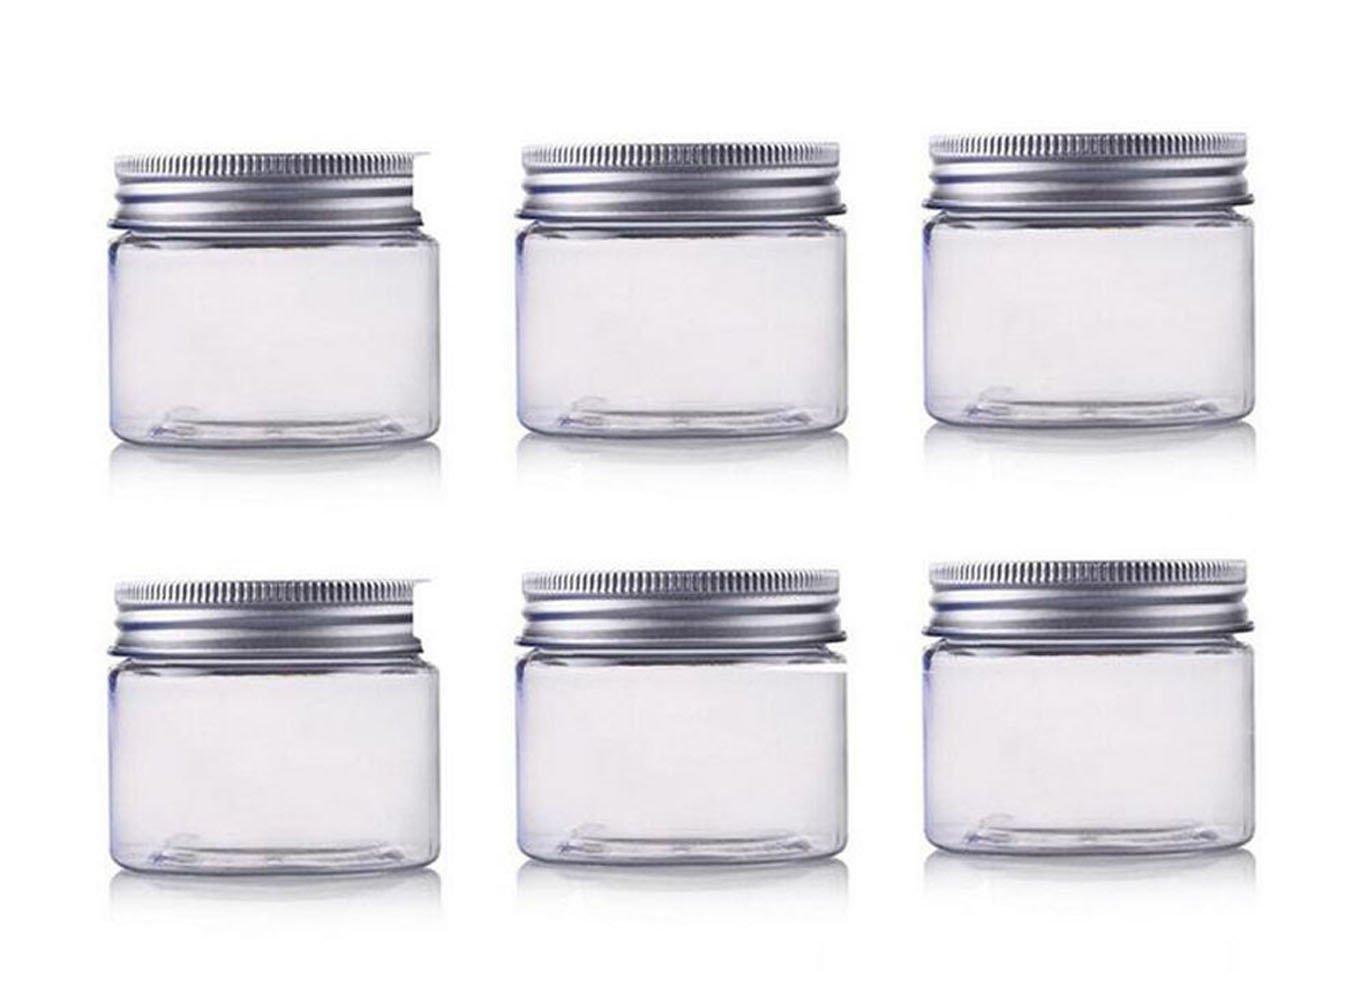 150ml / 5oz barattoli Pet contenitori cosmetici trucco casi supporti vuoto con tappo a vite in alluminio argentato, perfetti per le labbra ombretto polvere cosmetici e crema per il viso lozione echo-ove